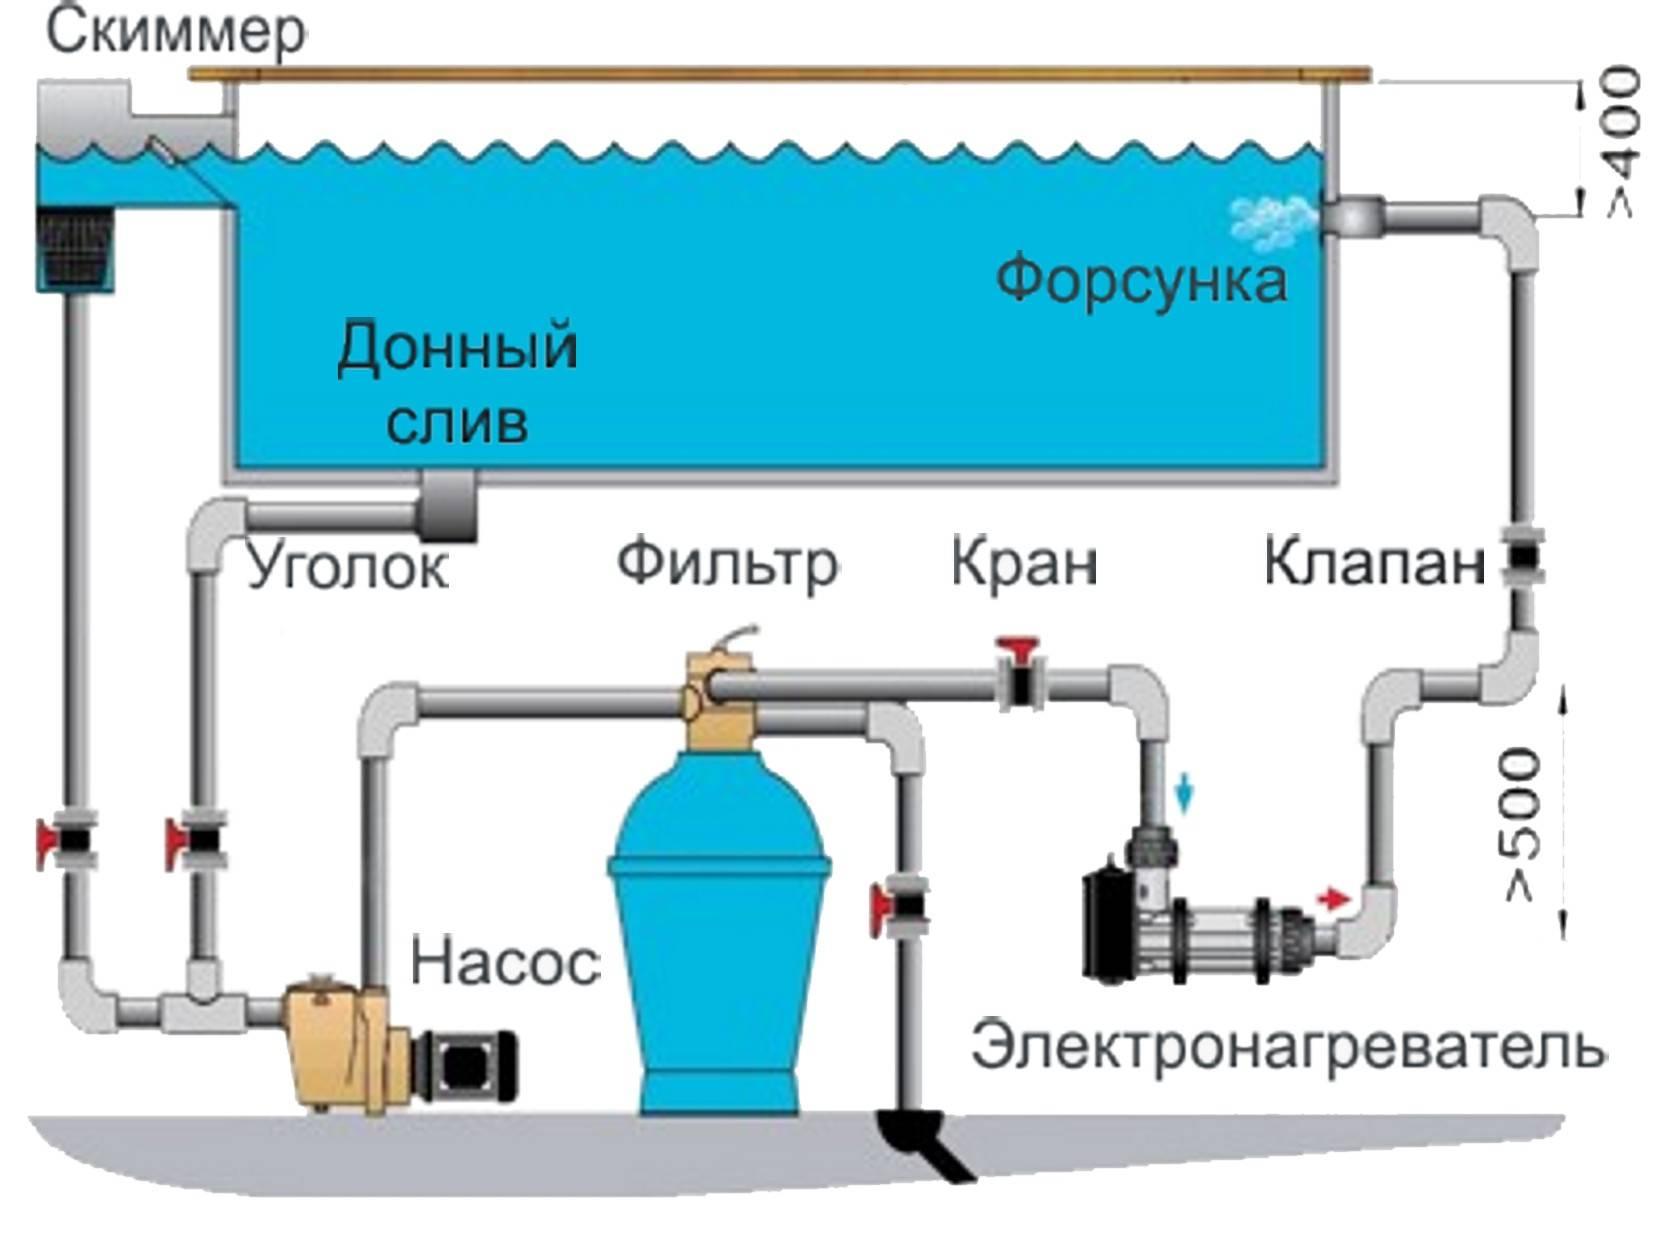 Какими бывают фильтры для очищения воды в бассейне и как правильно их выбрать?